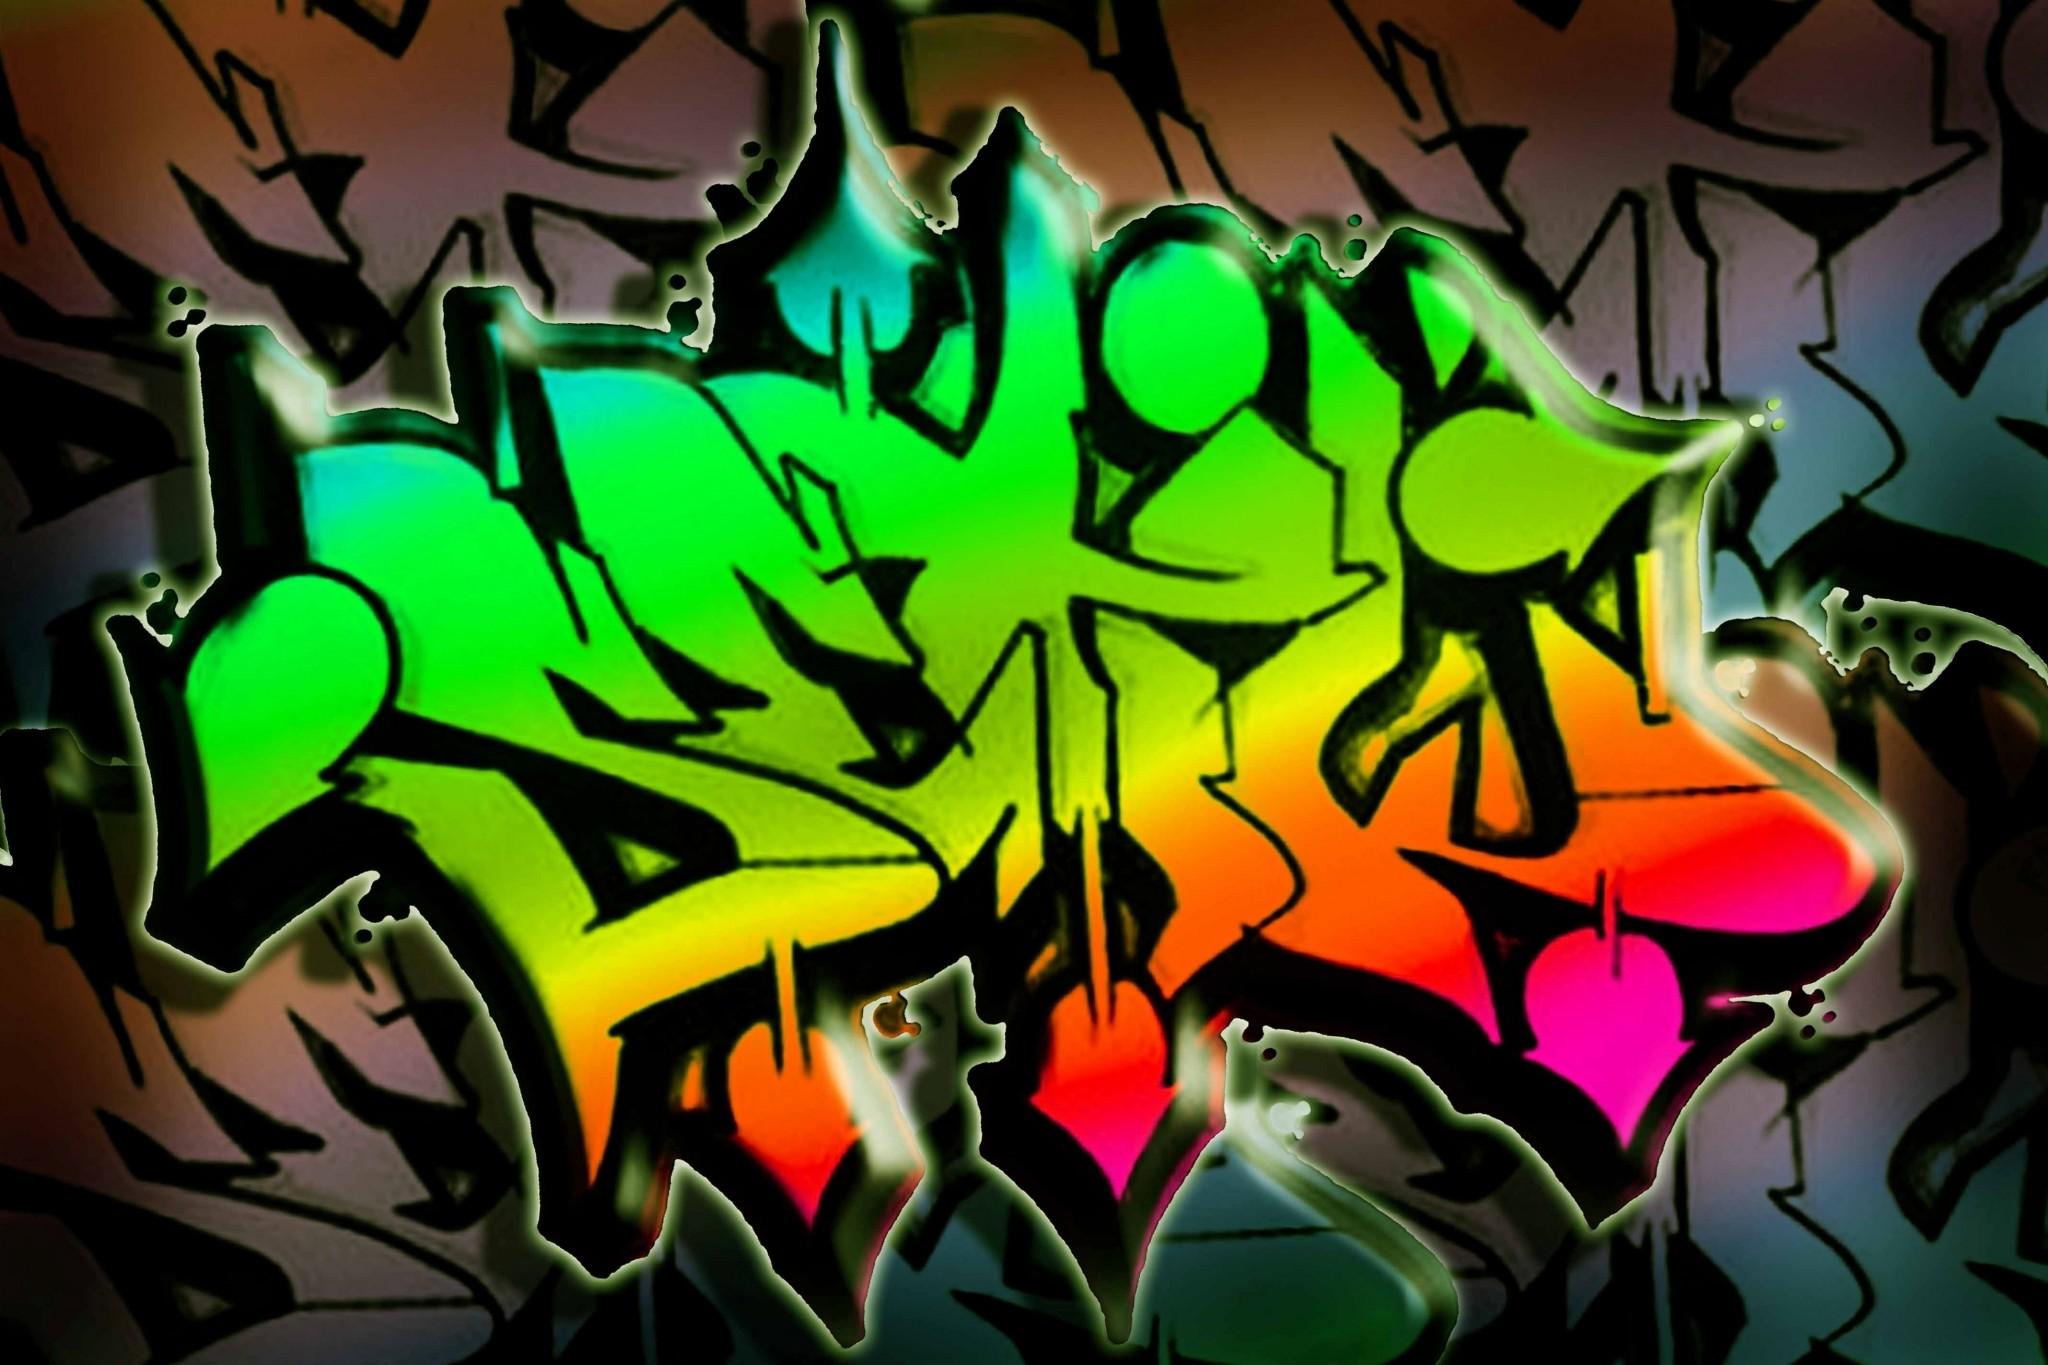 Прикольные надписи картинки граффити